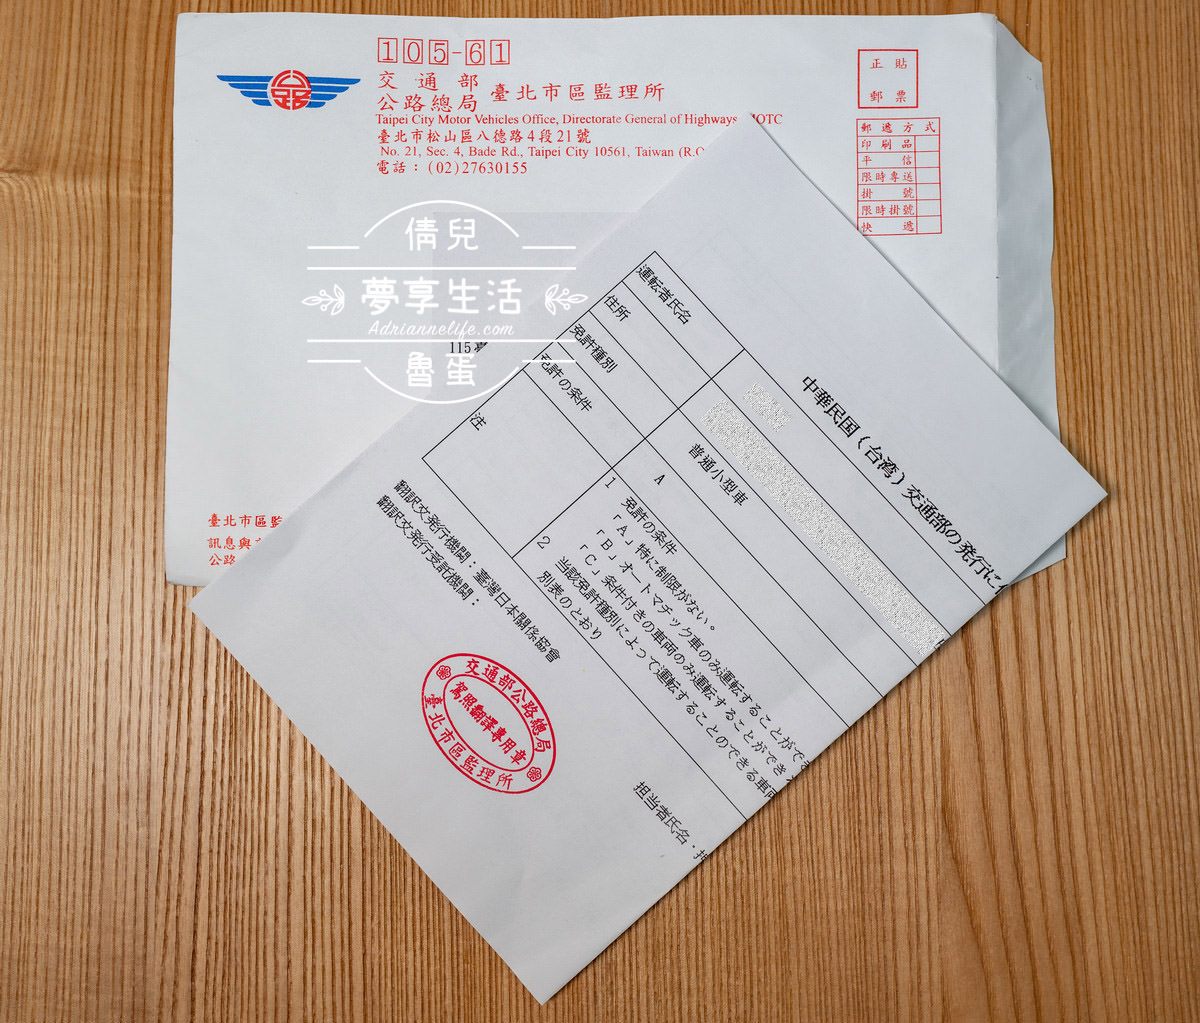 【日本自由行】2019 日本租車自駕必備資訊!四步驟上網申請臺灣駕照之日文譯本,約4-6個工作天就能寄到家!